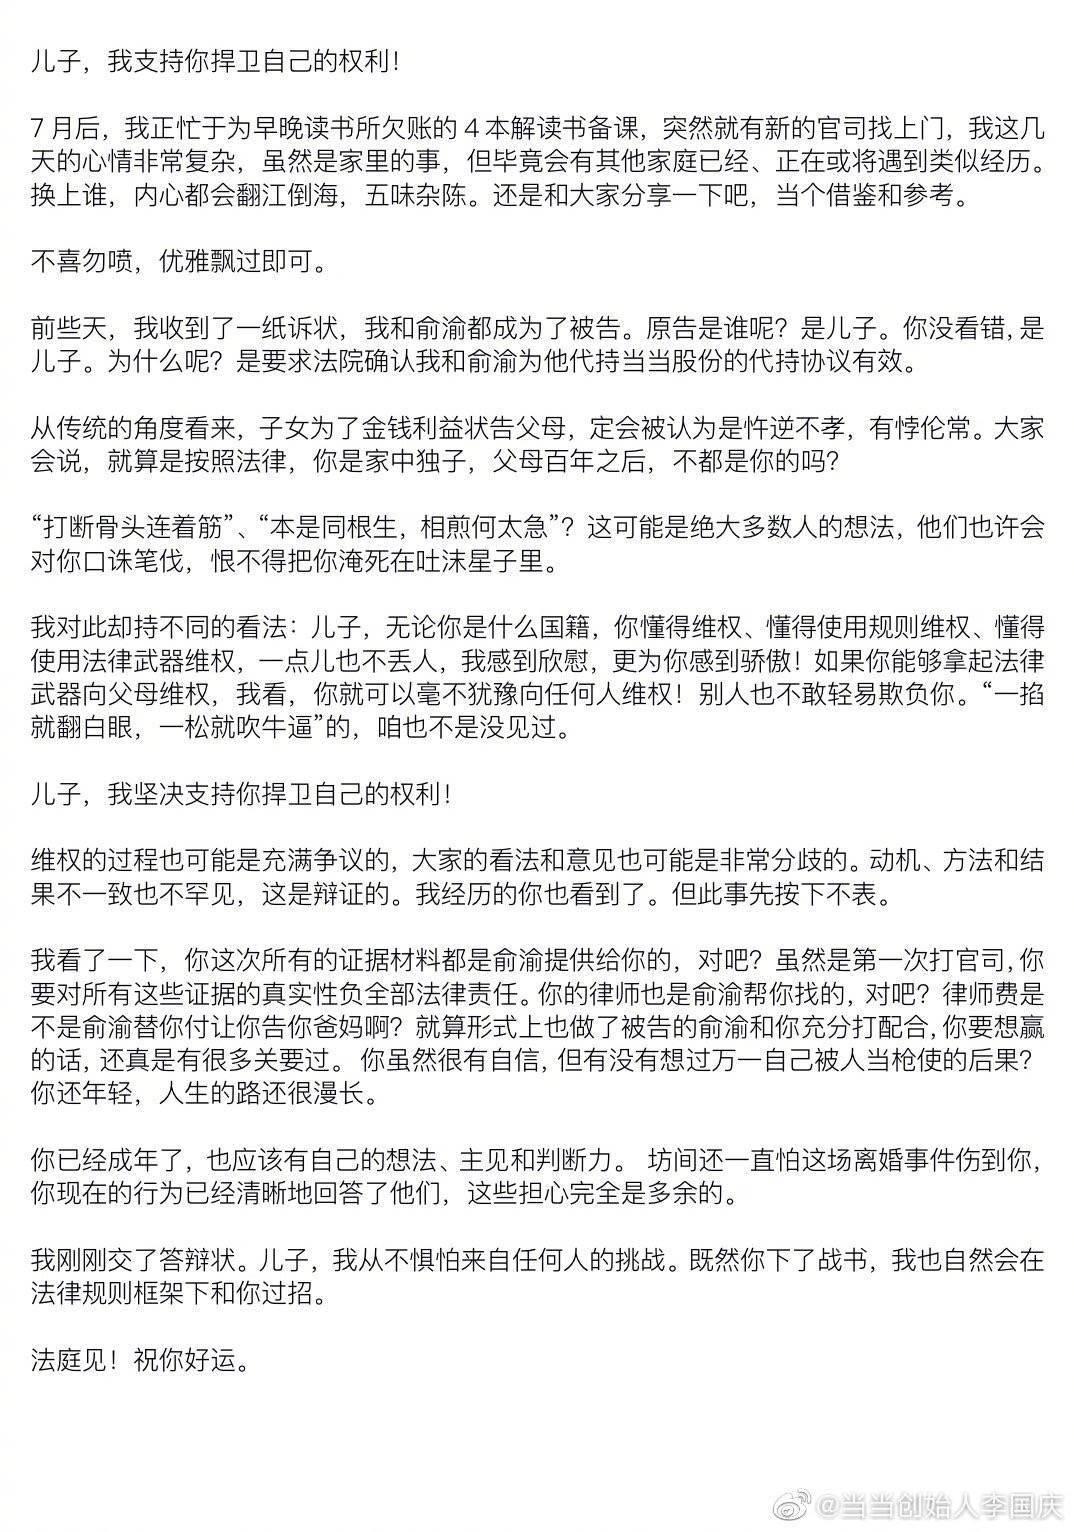 李国庆:自己和俞渝被儿子告上法庭,将正面应战